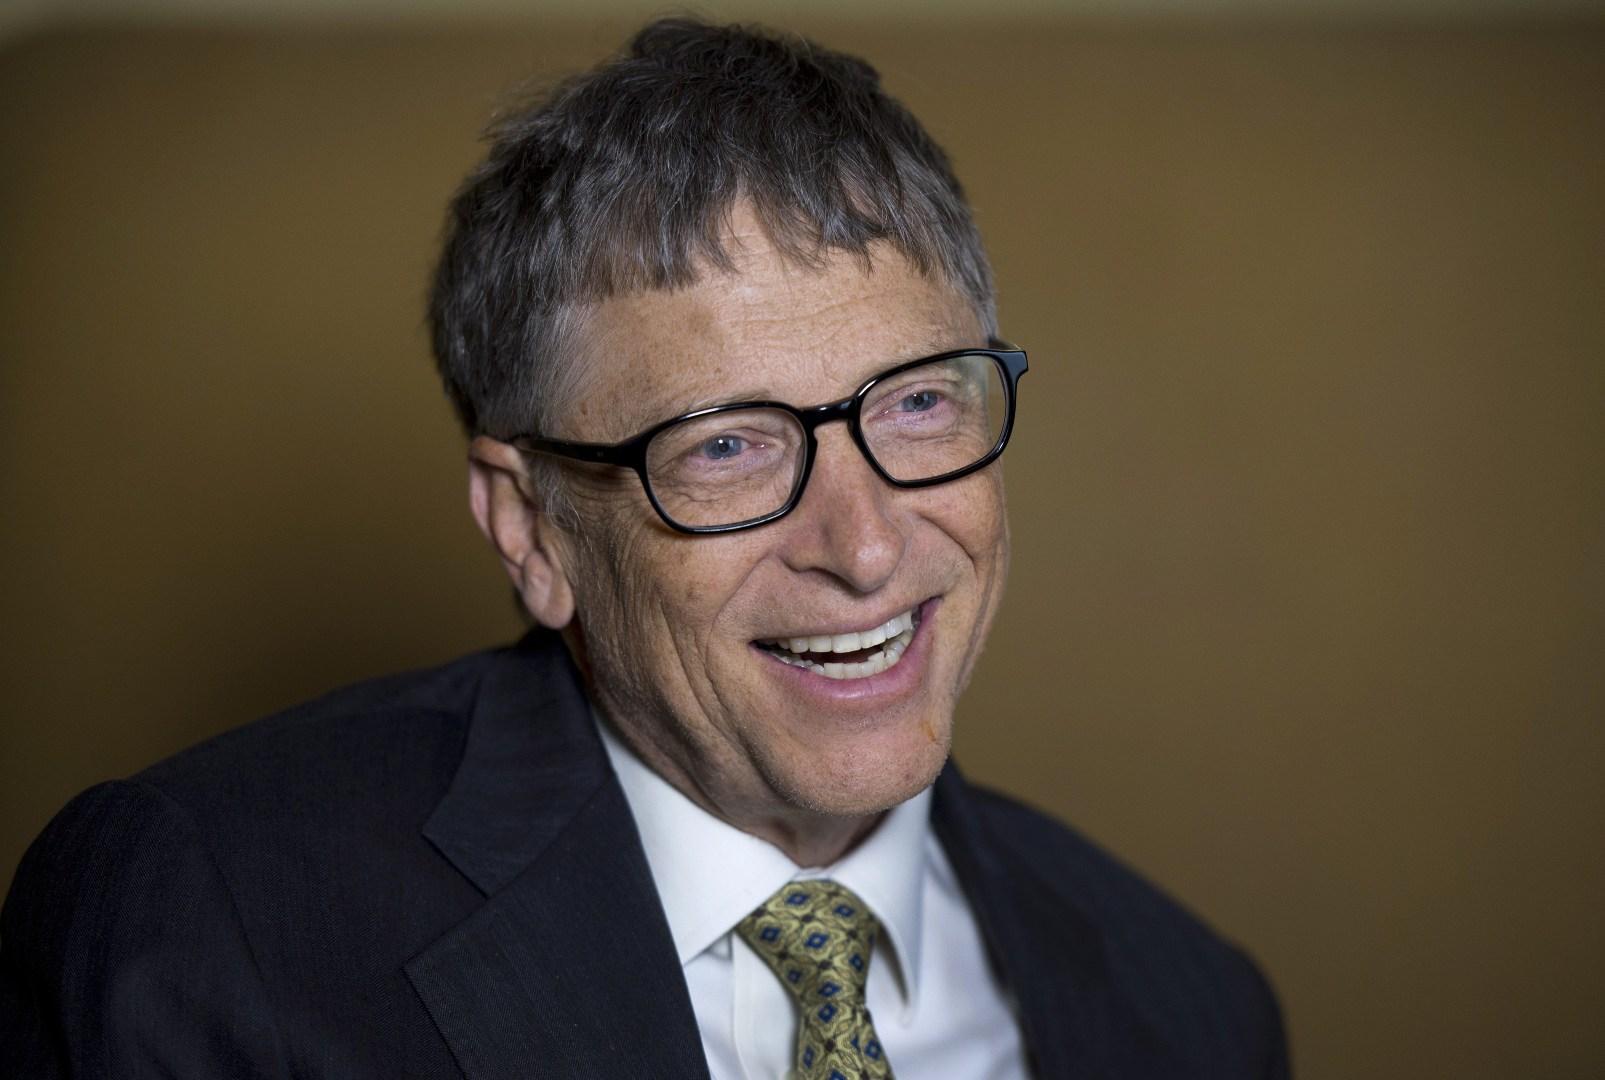 Bill Gates: Hay avances contra la pobreza, pero aún hay mucho por hacer